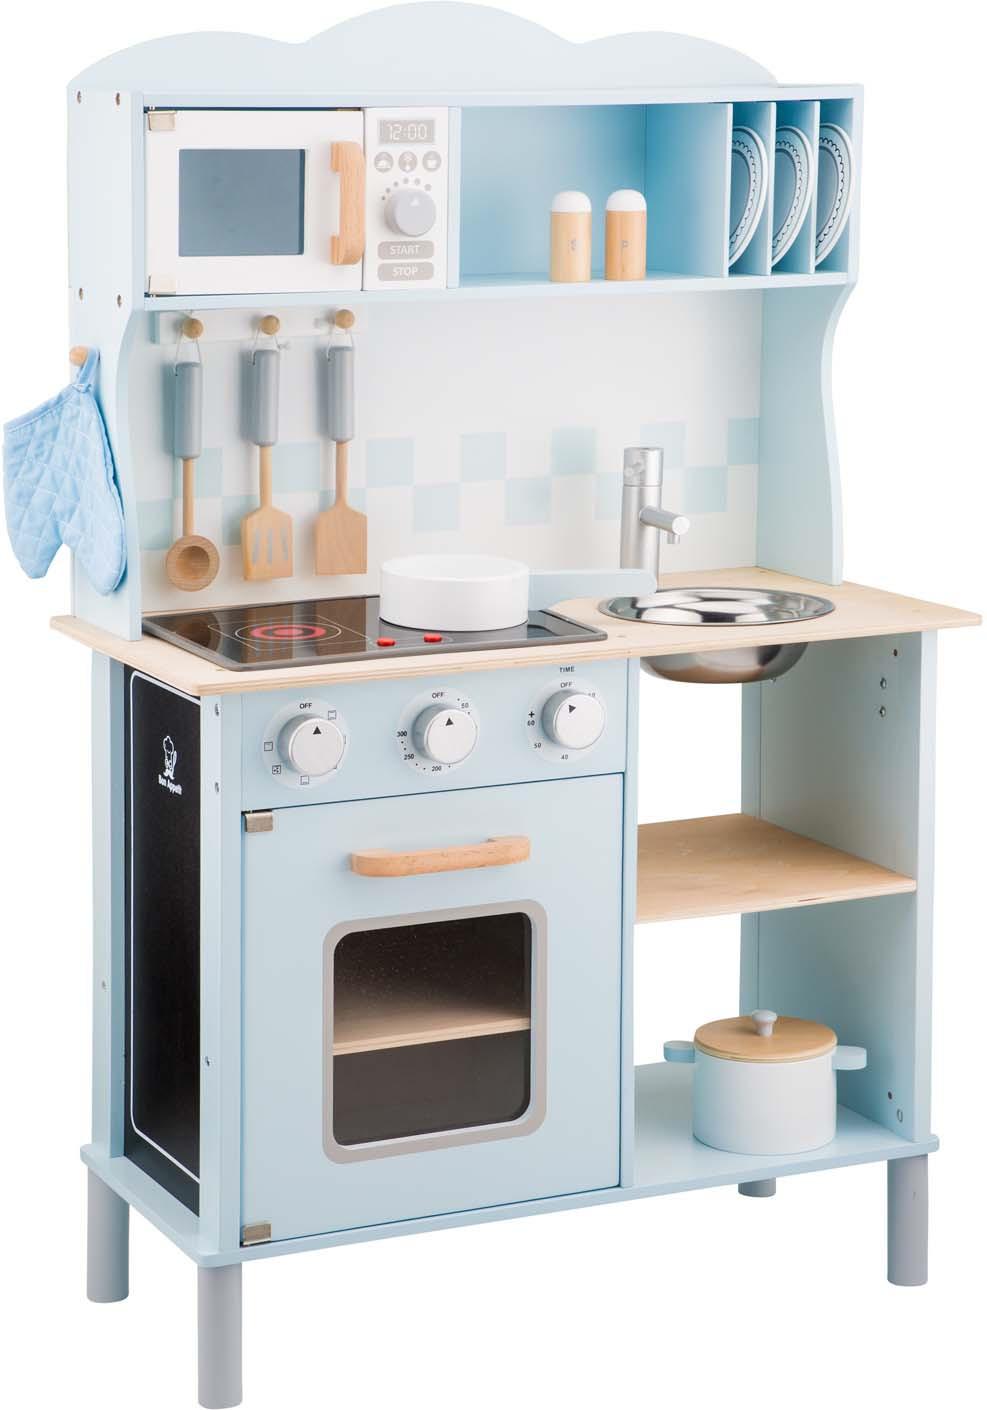 """Игровой набор New Classic Toys """"Кухня"""", 11065, 100 см"""